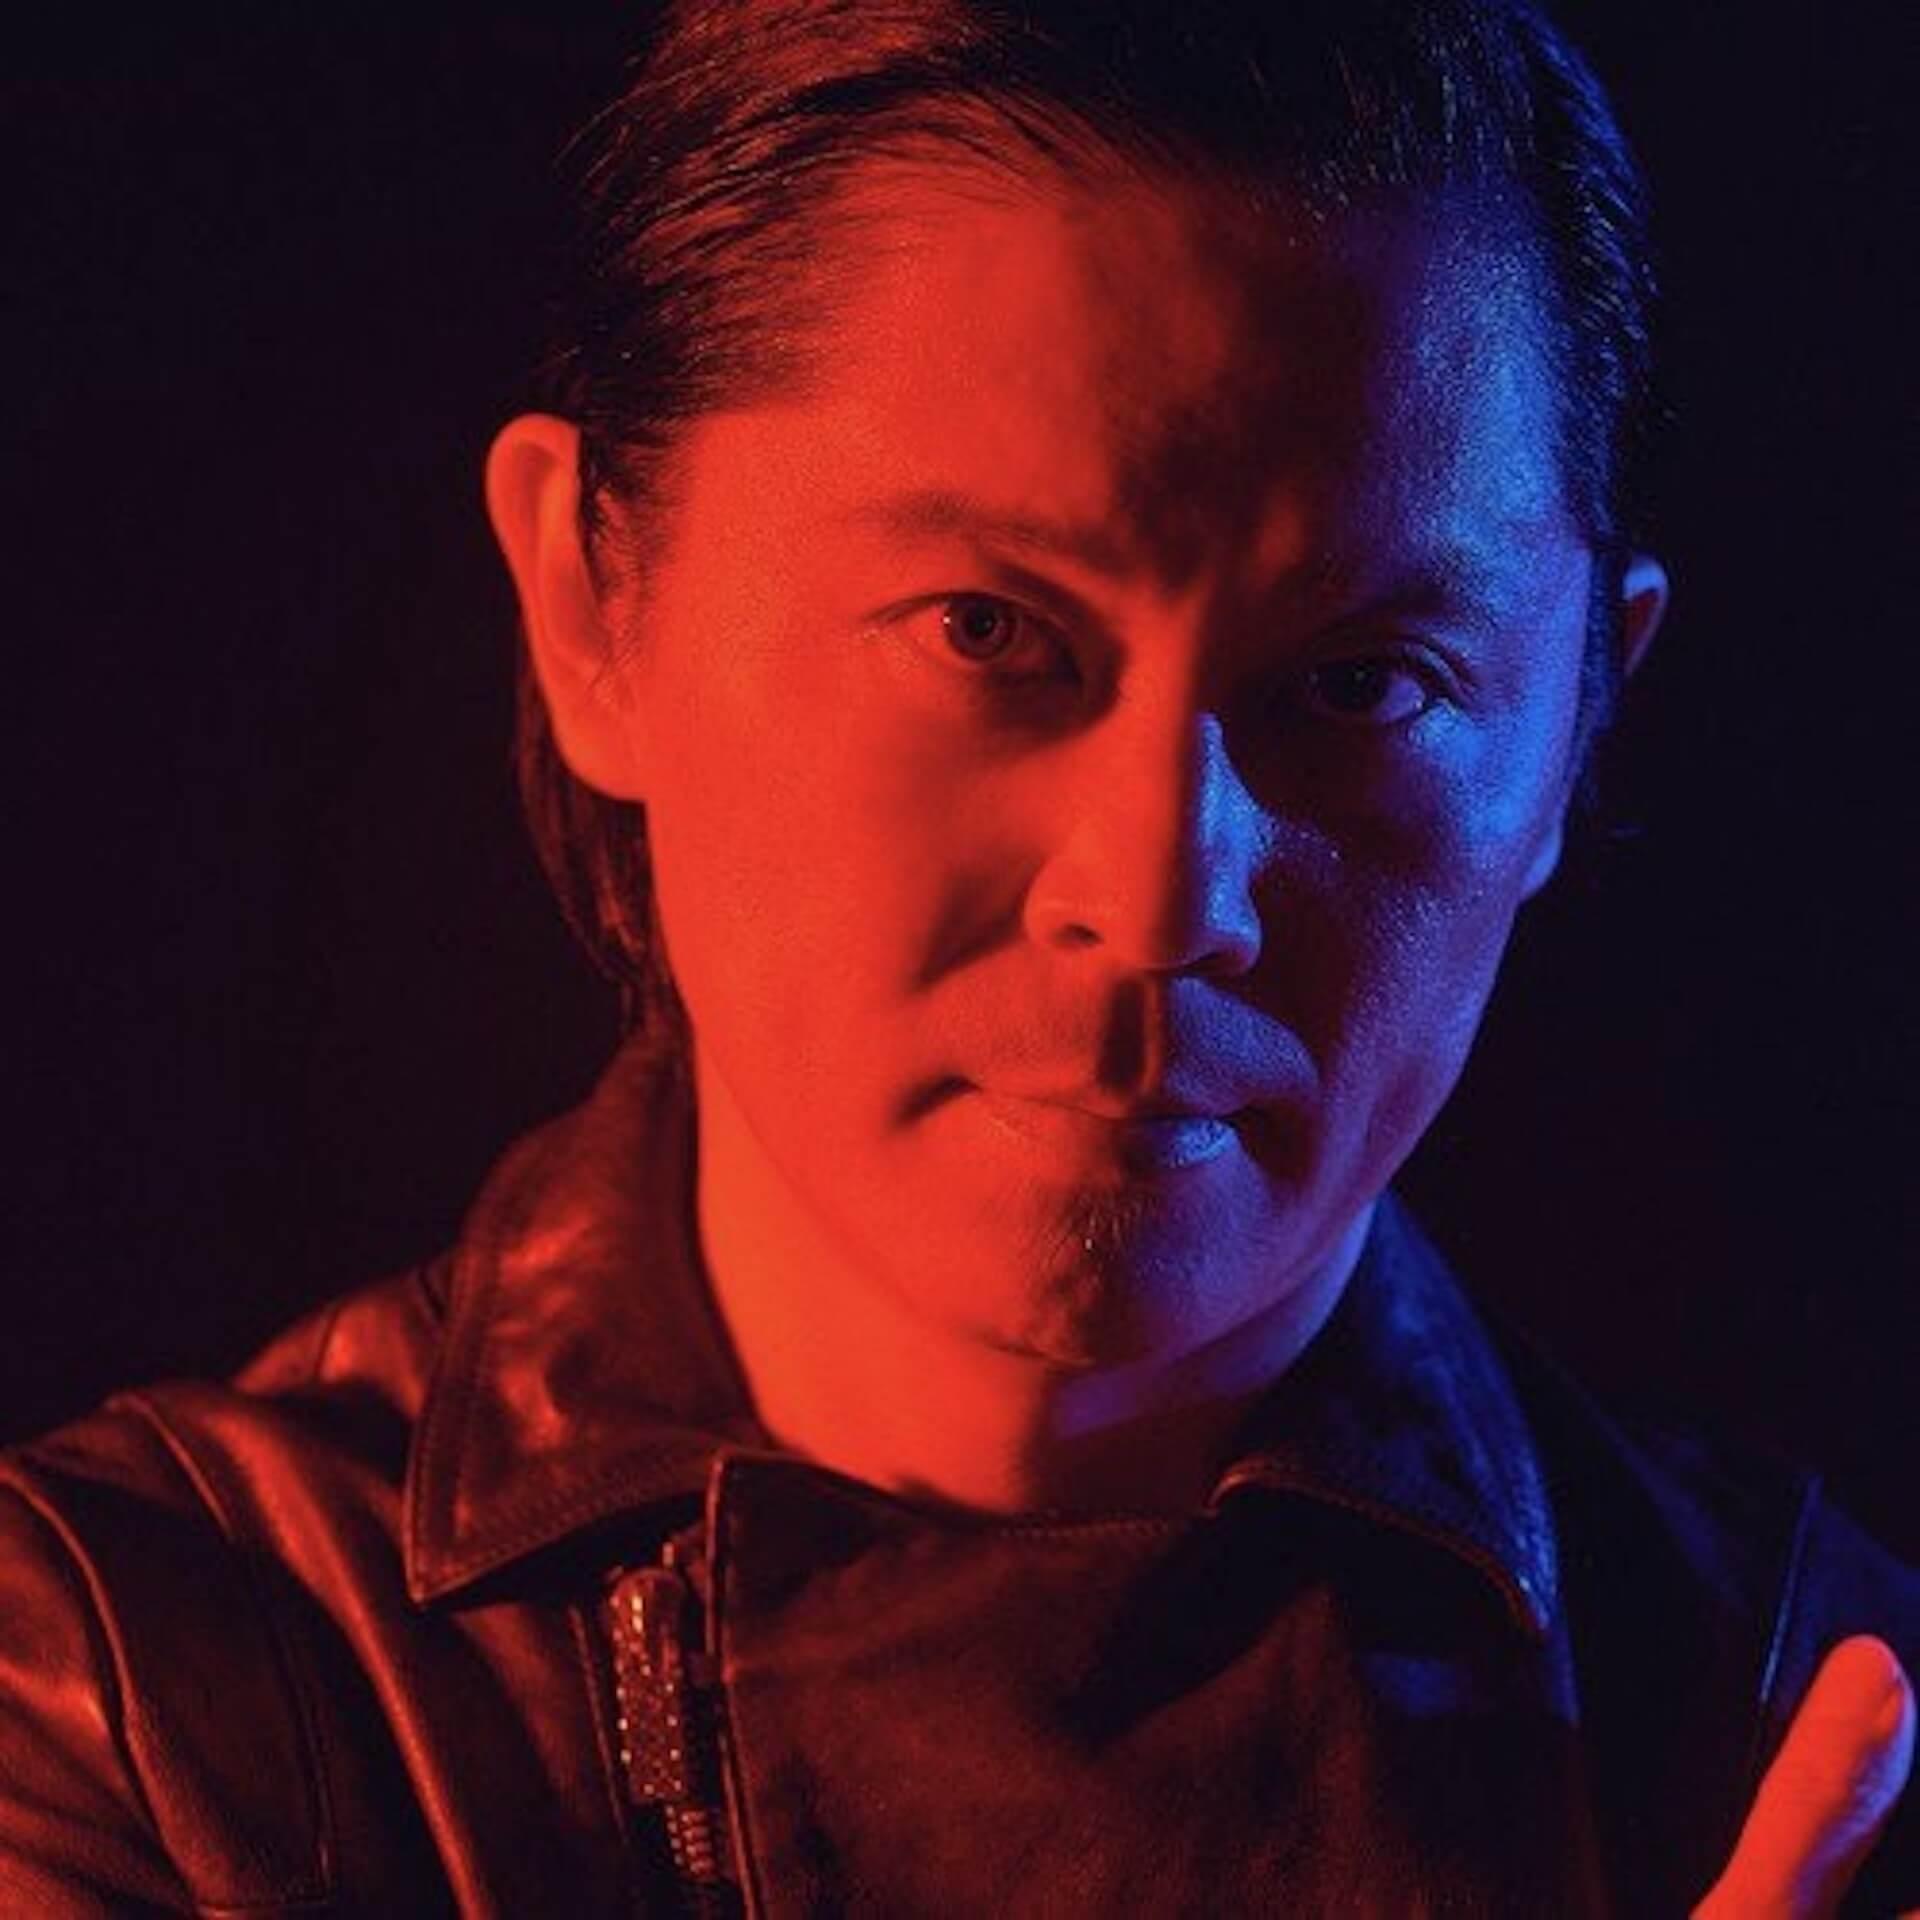 <バーチャル渋谷 au 5G ハロウィーンフェス>がついに本日開幕!最終日はEllen Allien、SURGEONら参加のDOMMUNEコラボイベントも実施 music201026_shibuya_halloween_9